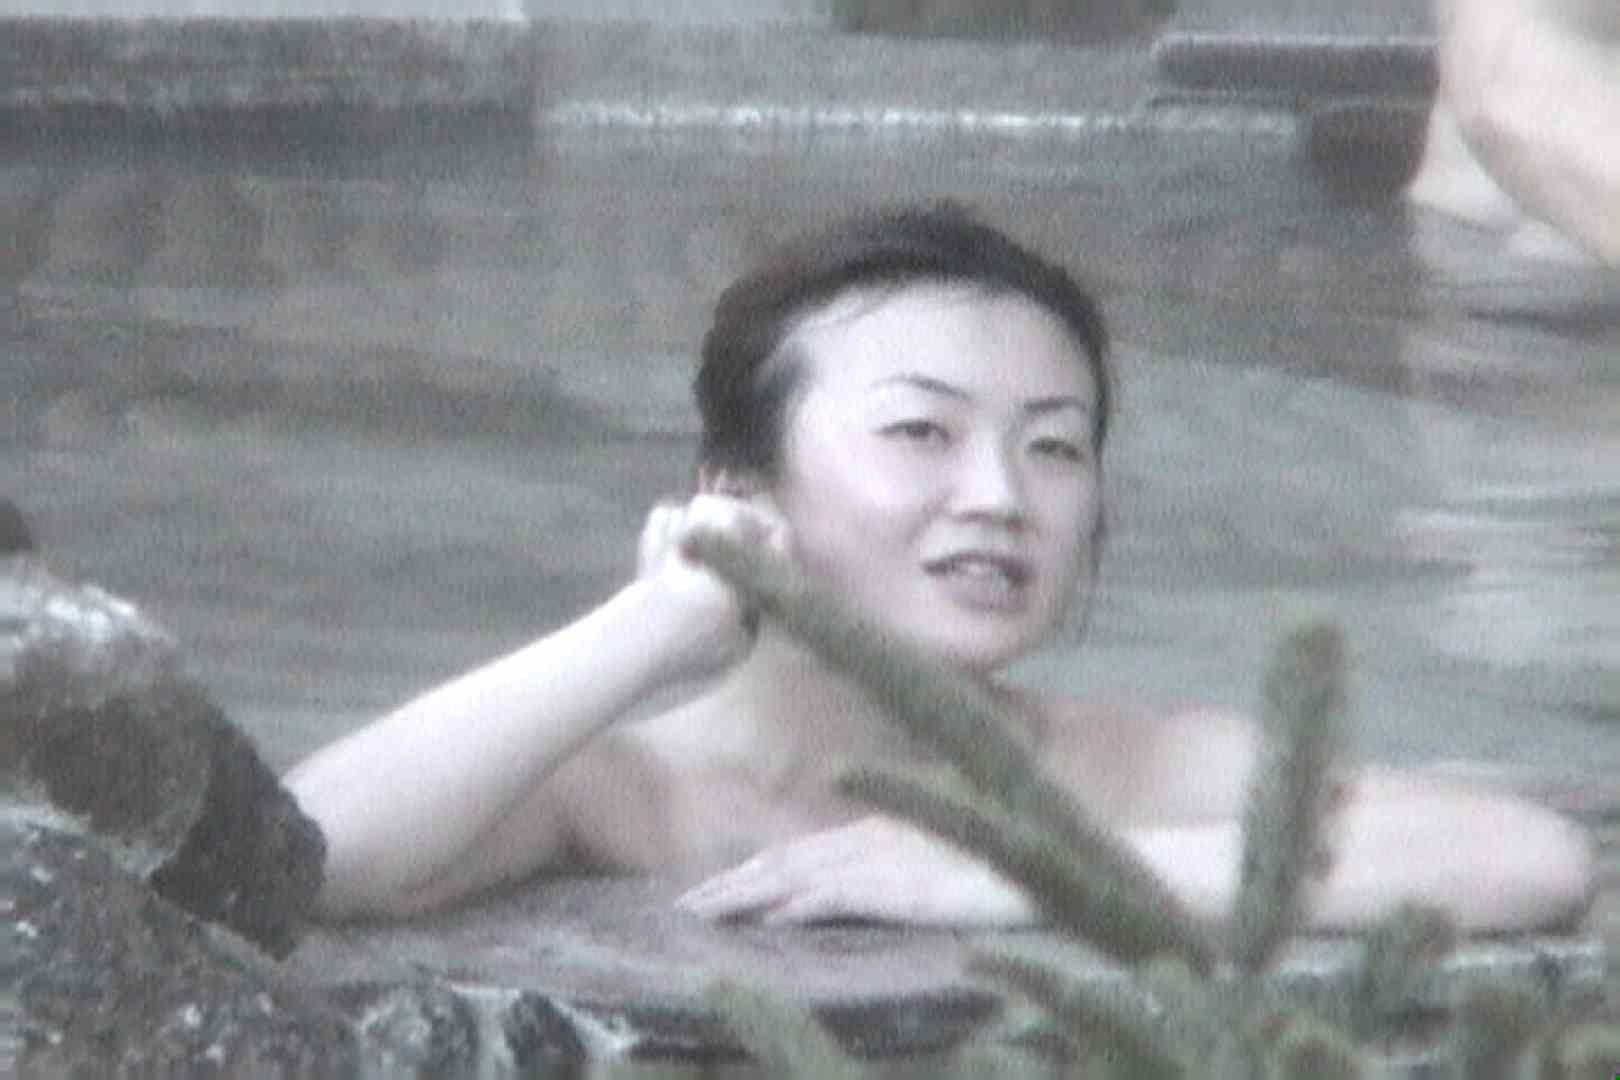 Aquaな露天風呂Vol.561 盗撮  75画像 21